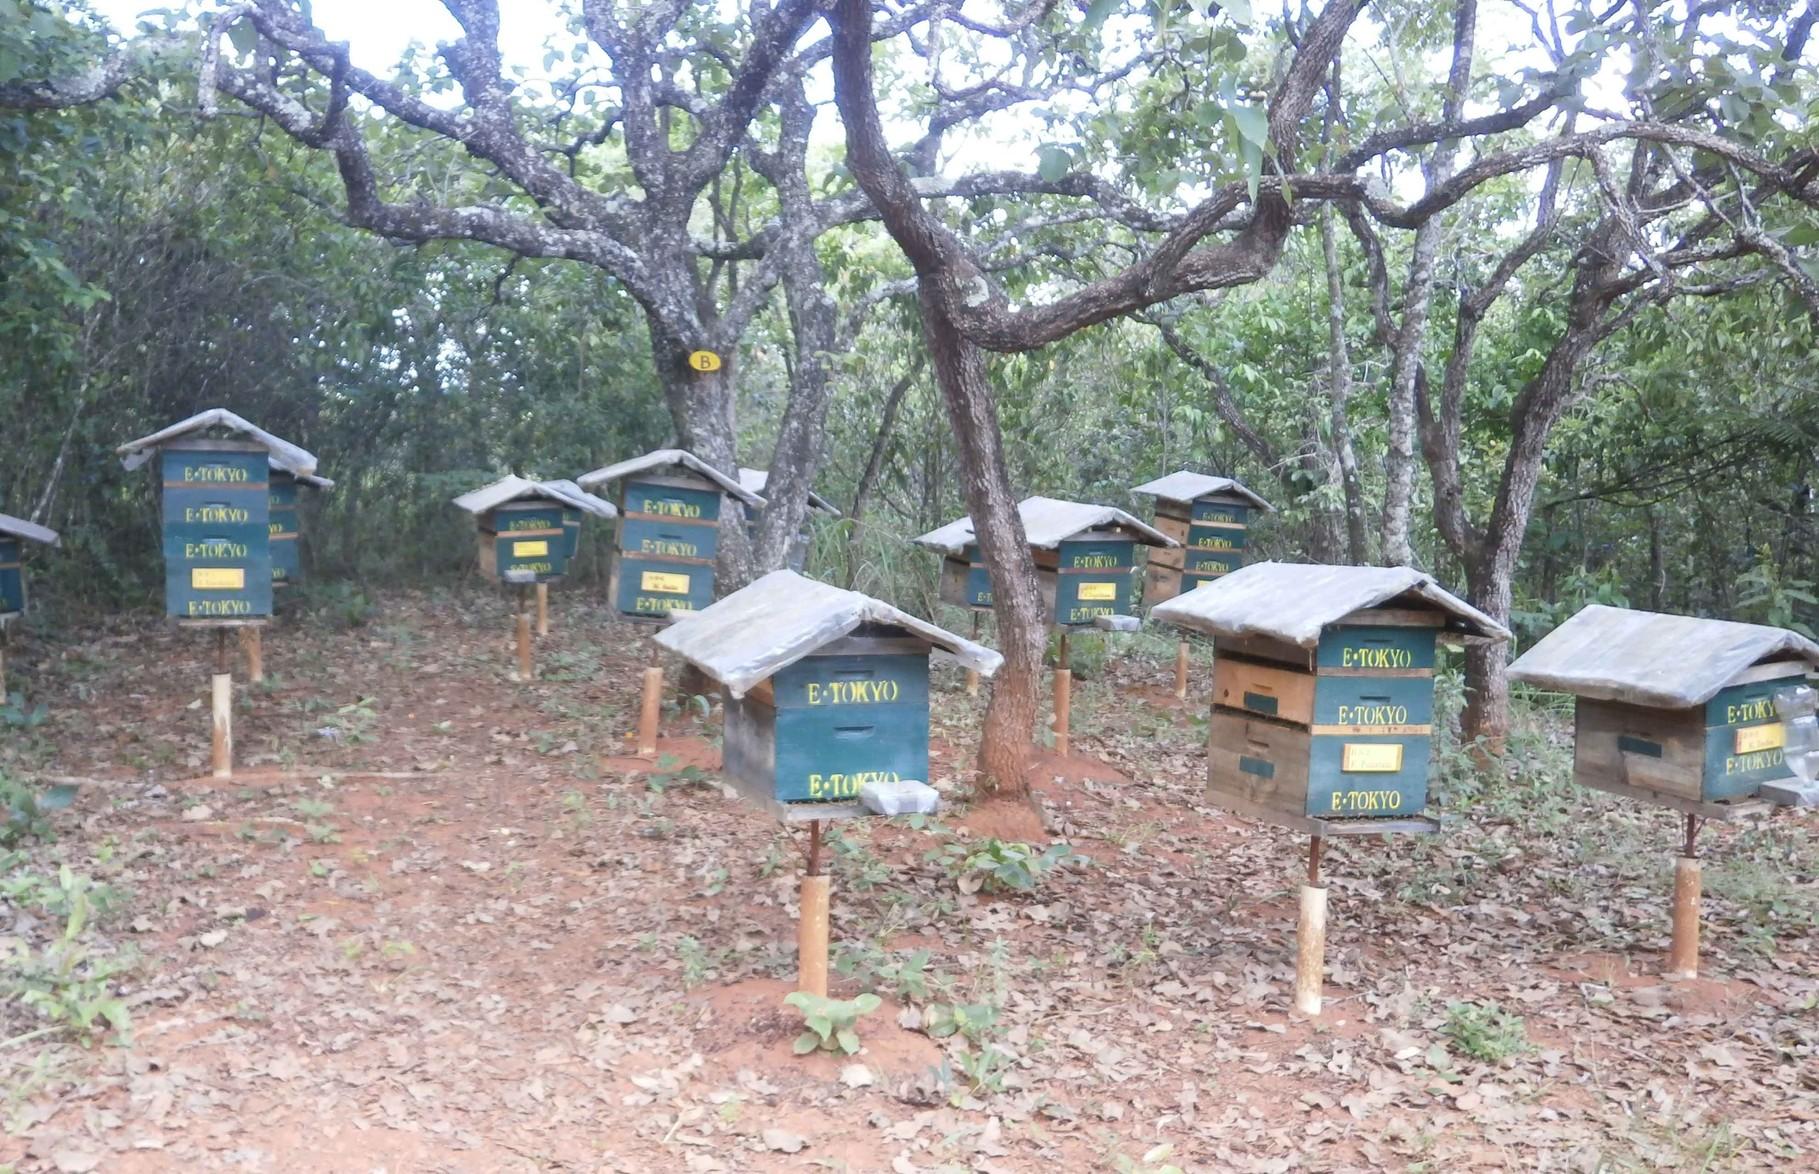 養蜂園内に設置された巣箱(一部は巣箱オーナーの巣箱)